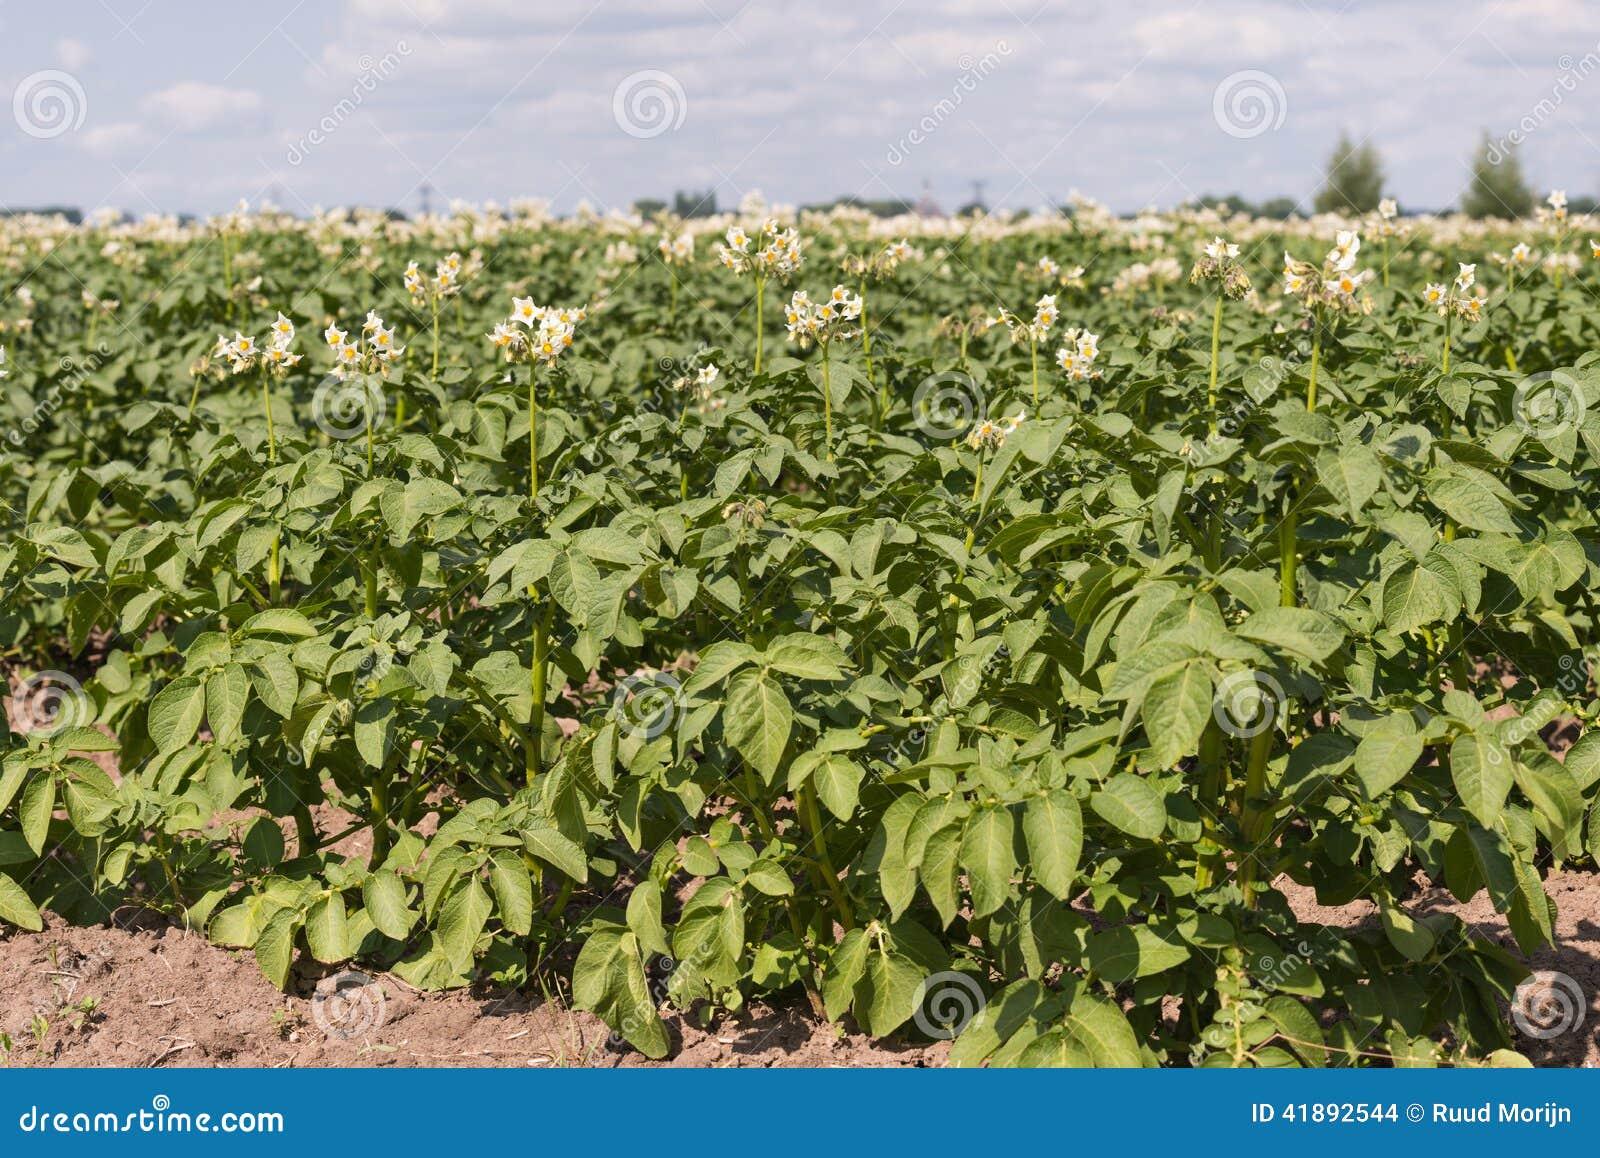 Fiori bianchi con gli stami gialli delle piante di patate for Piante di lamponi acquisto